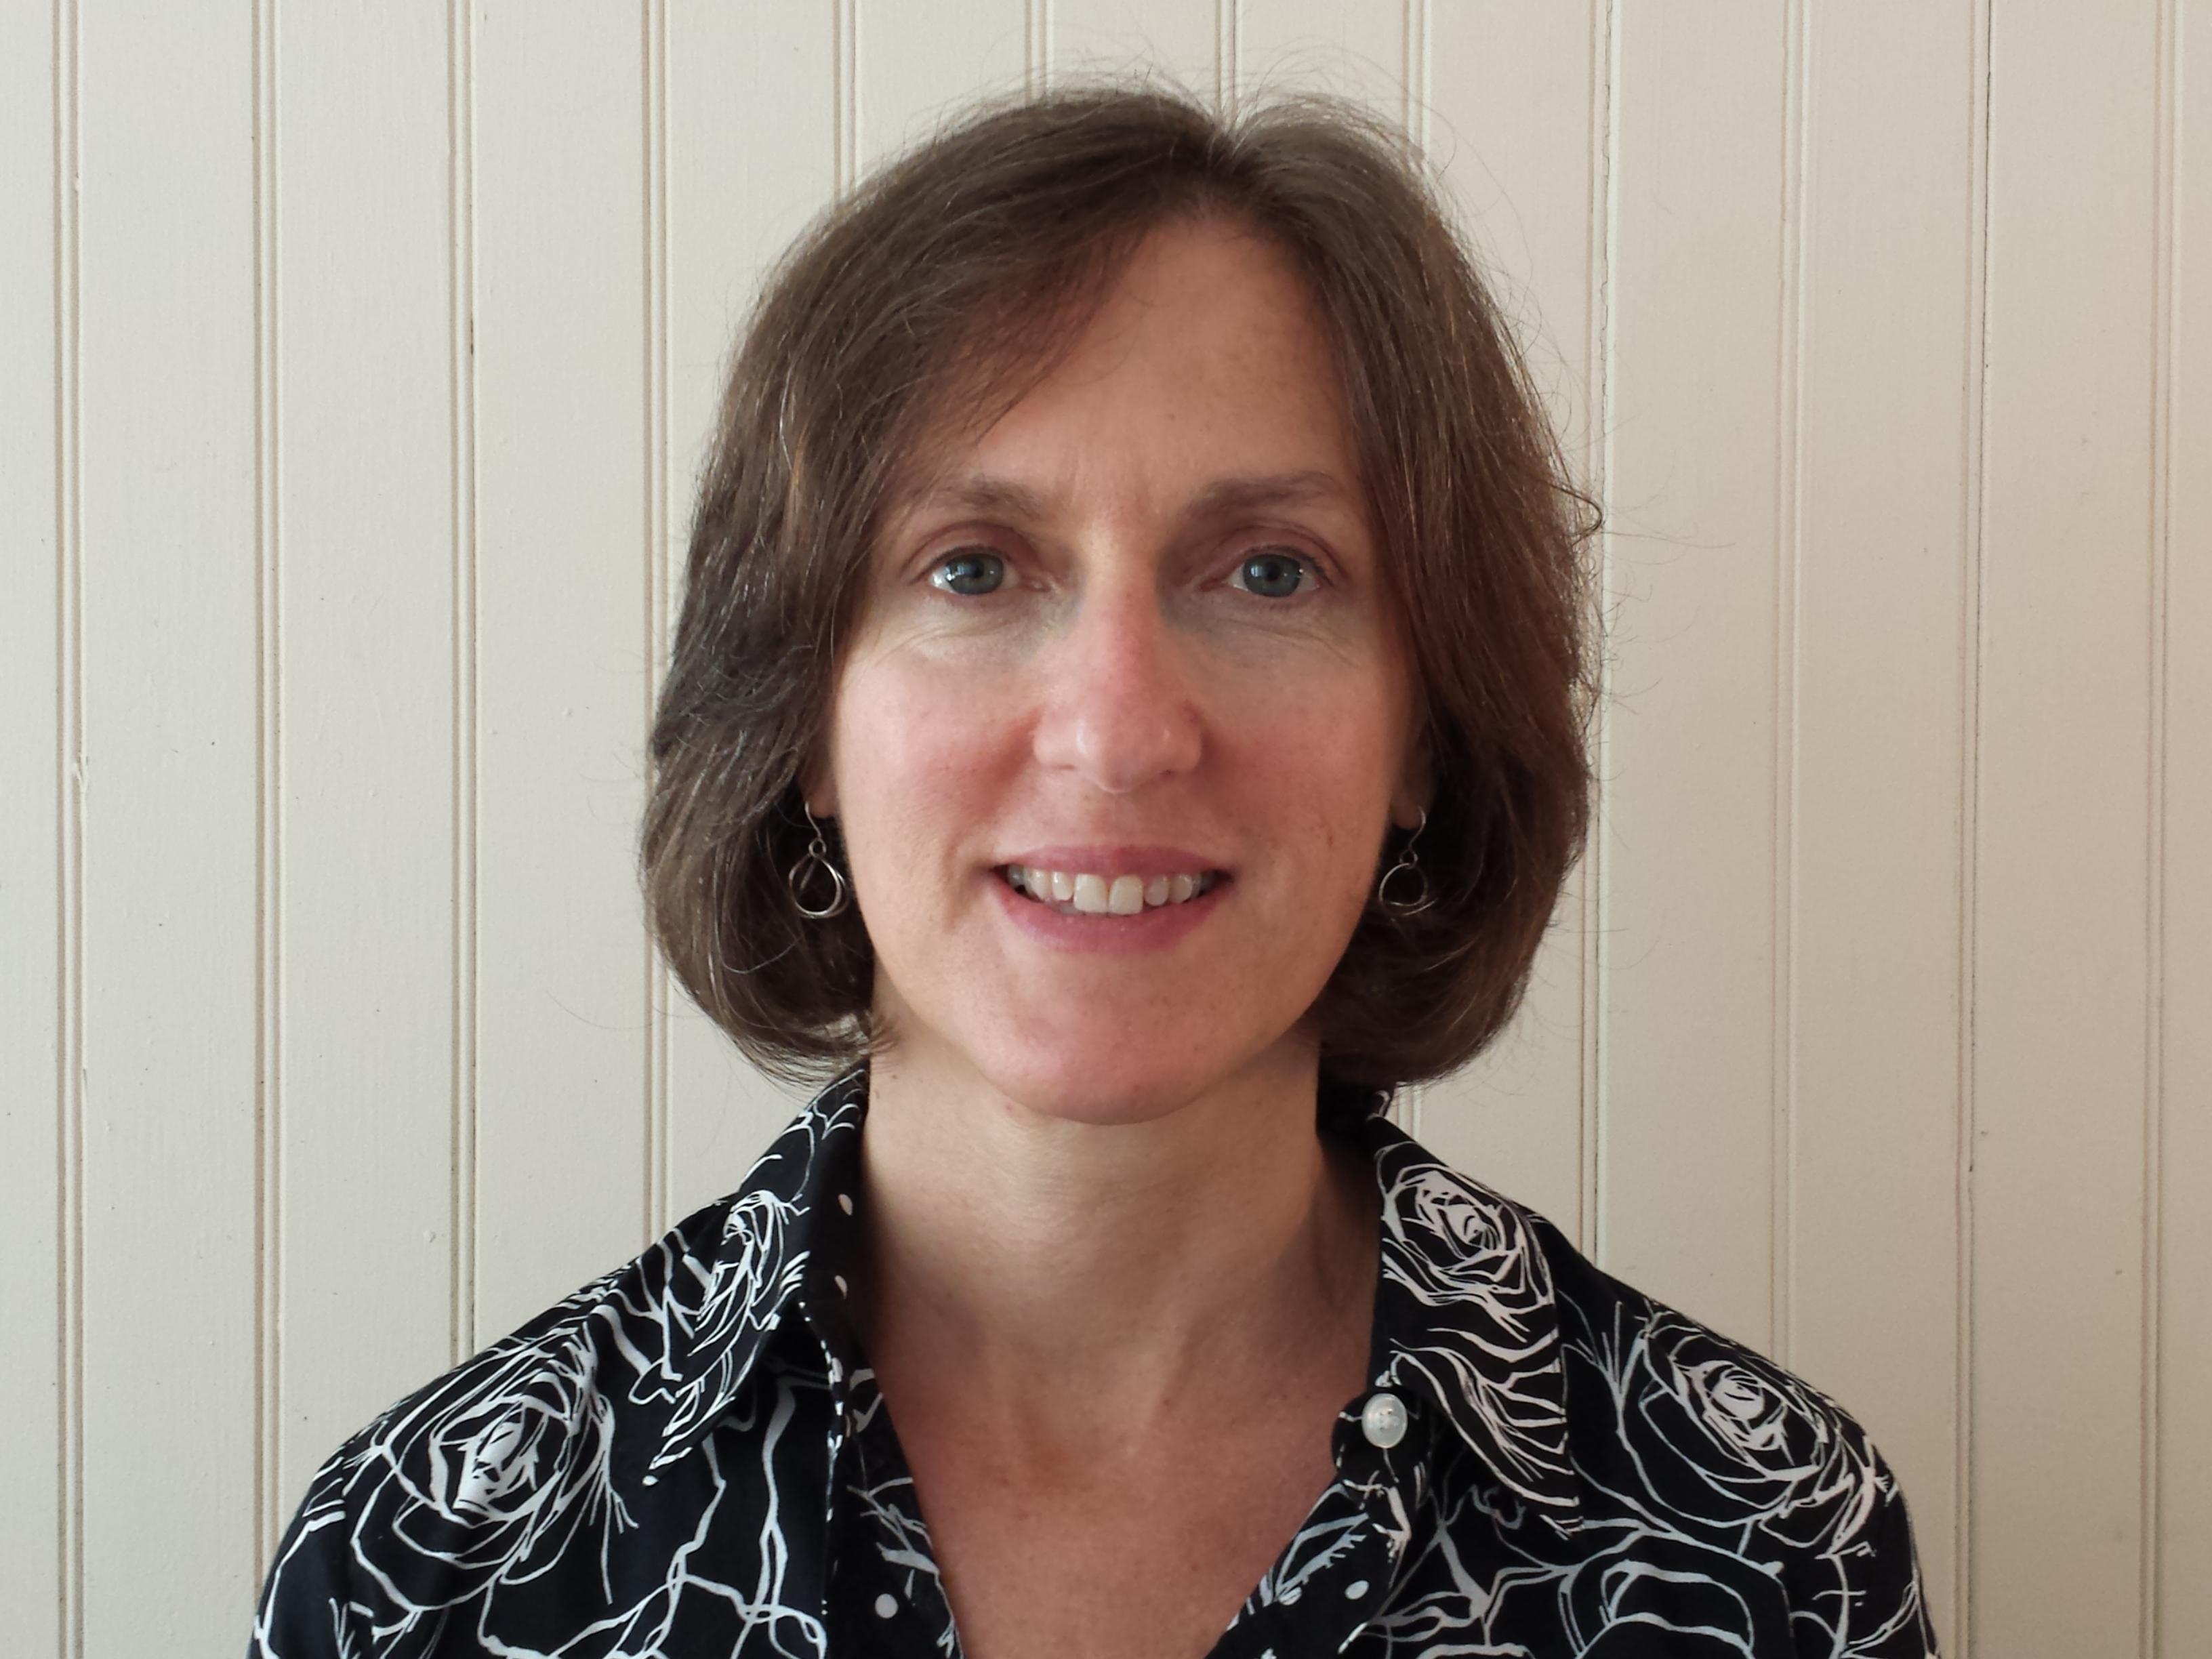 Diana Satin